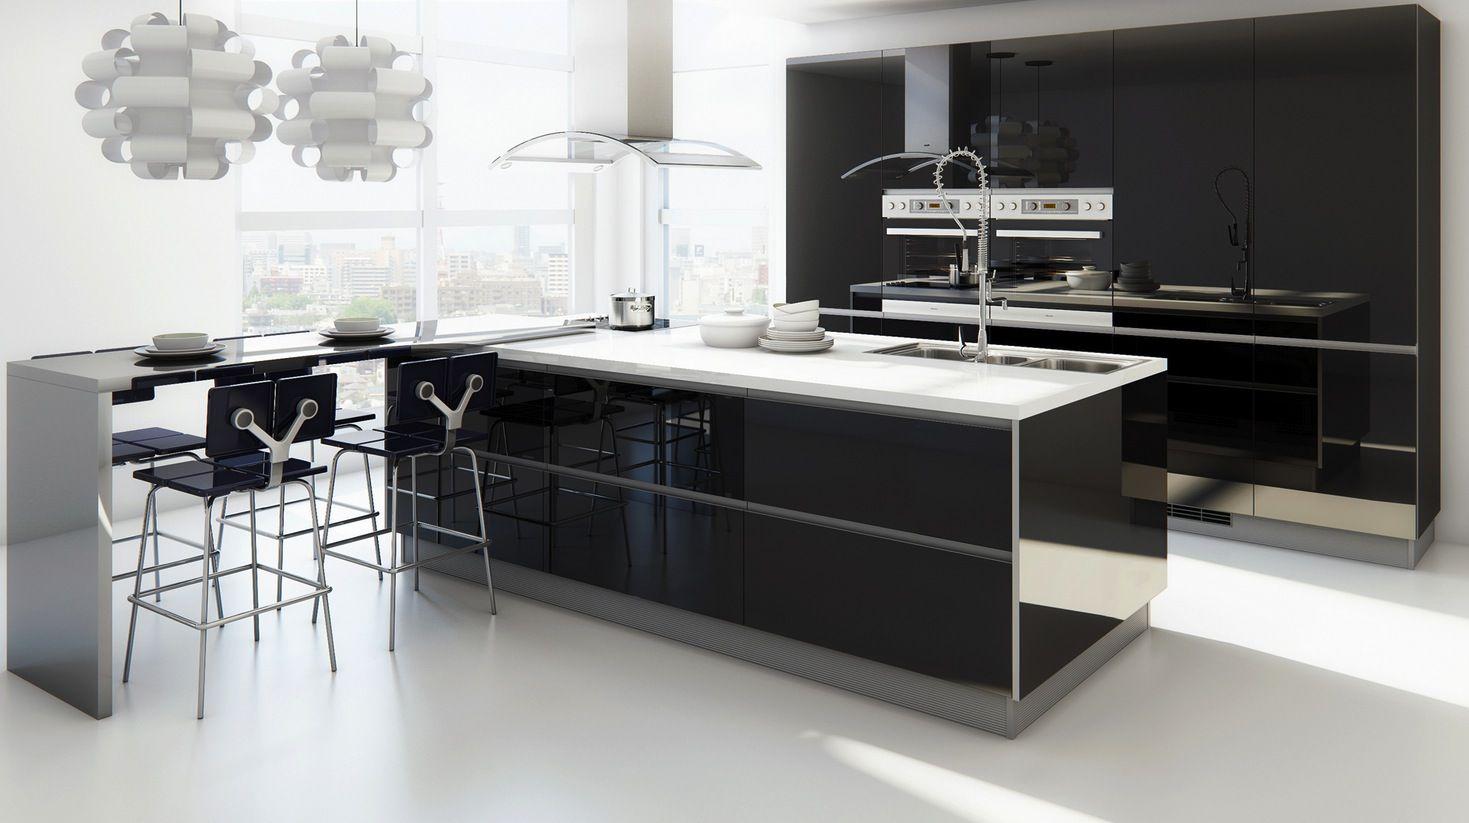 isla moderna negra | Cocinas con Isla | Pinterest | Moderno, Cocina ...